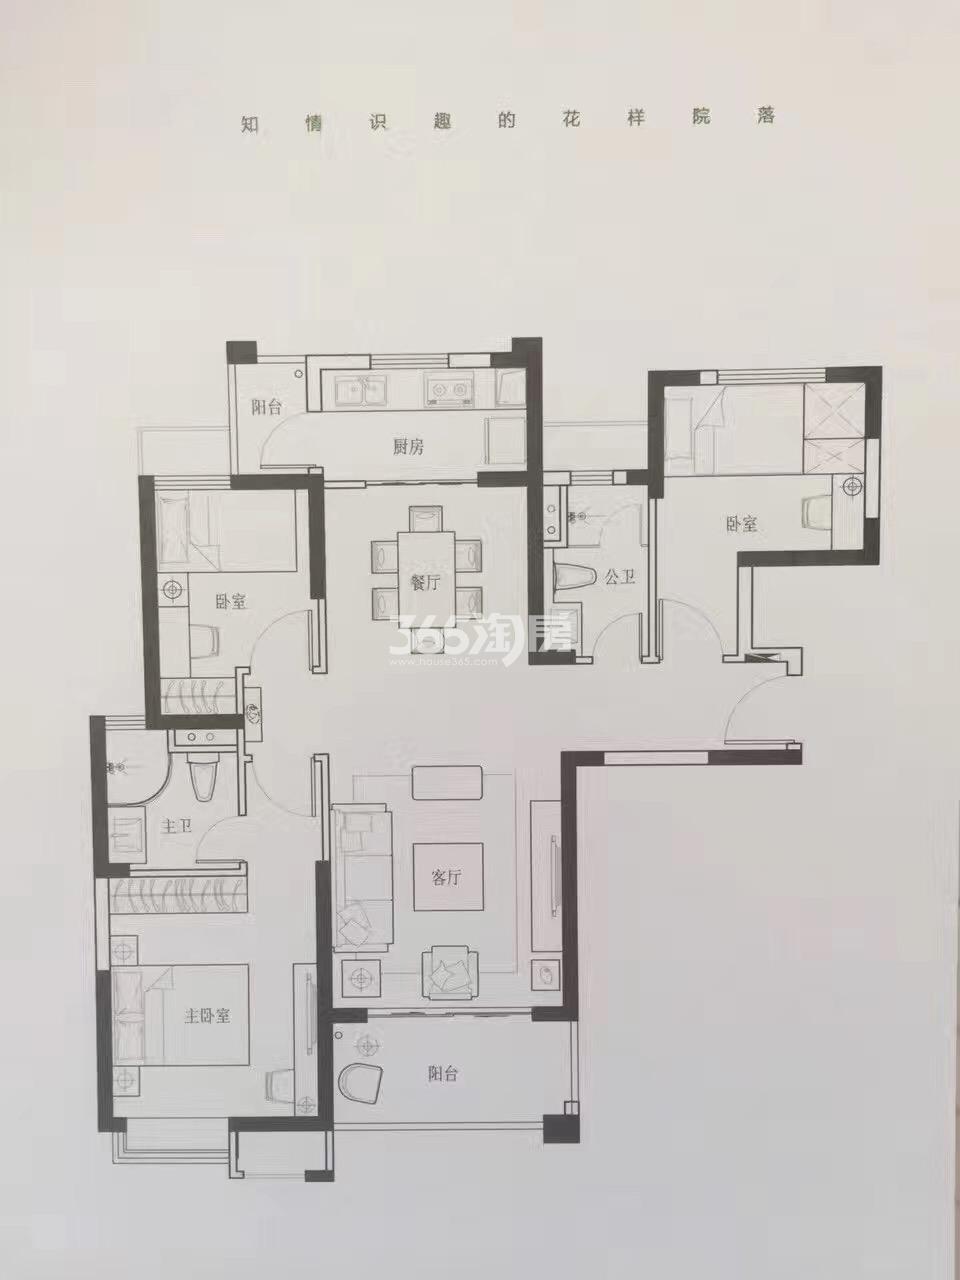 海伦春天15座2单元三室两厅一厨一卫108平米